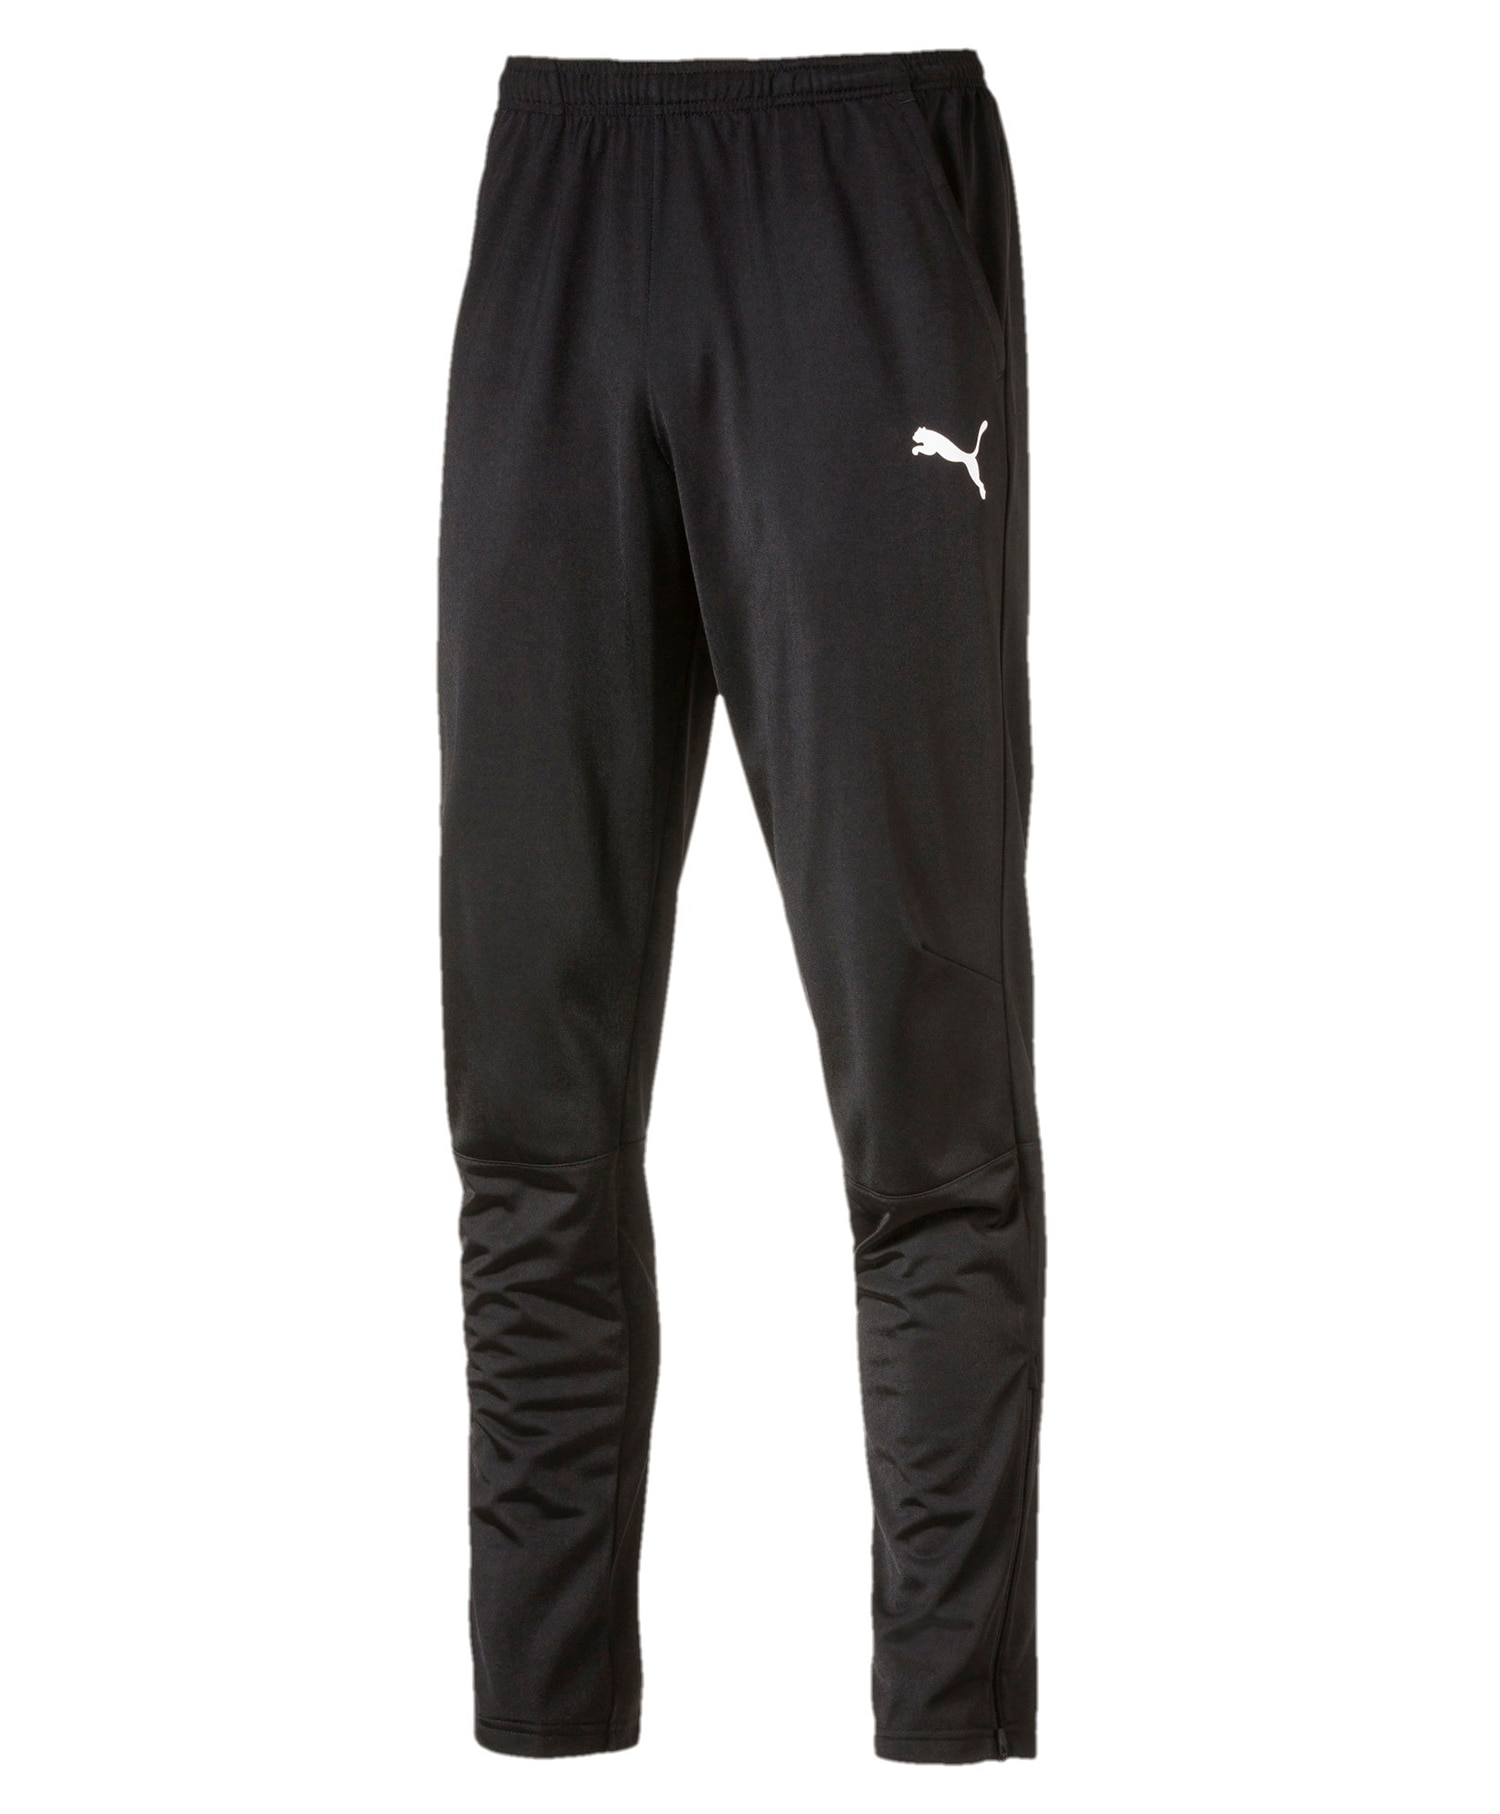 Puma liga sideline pants